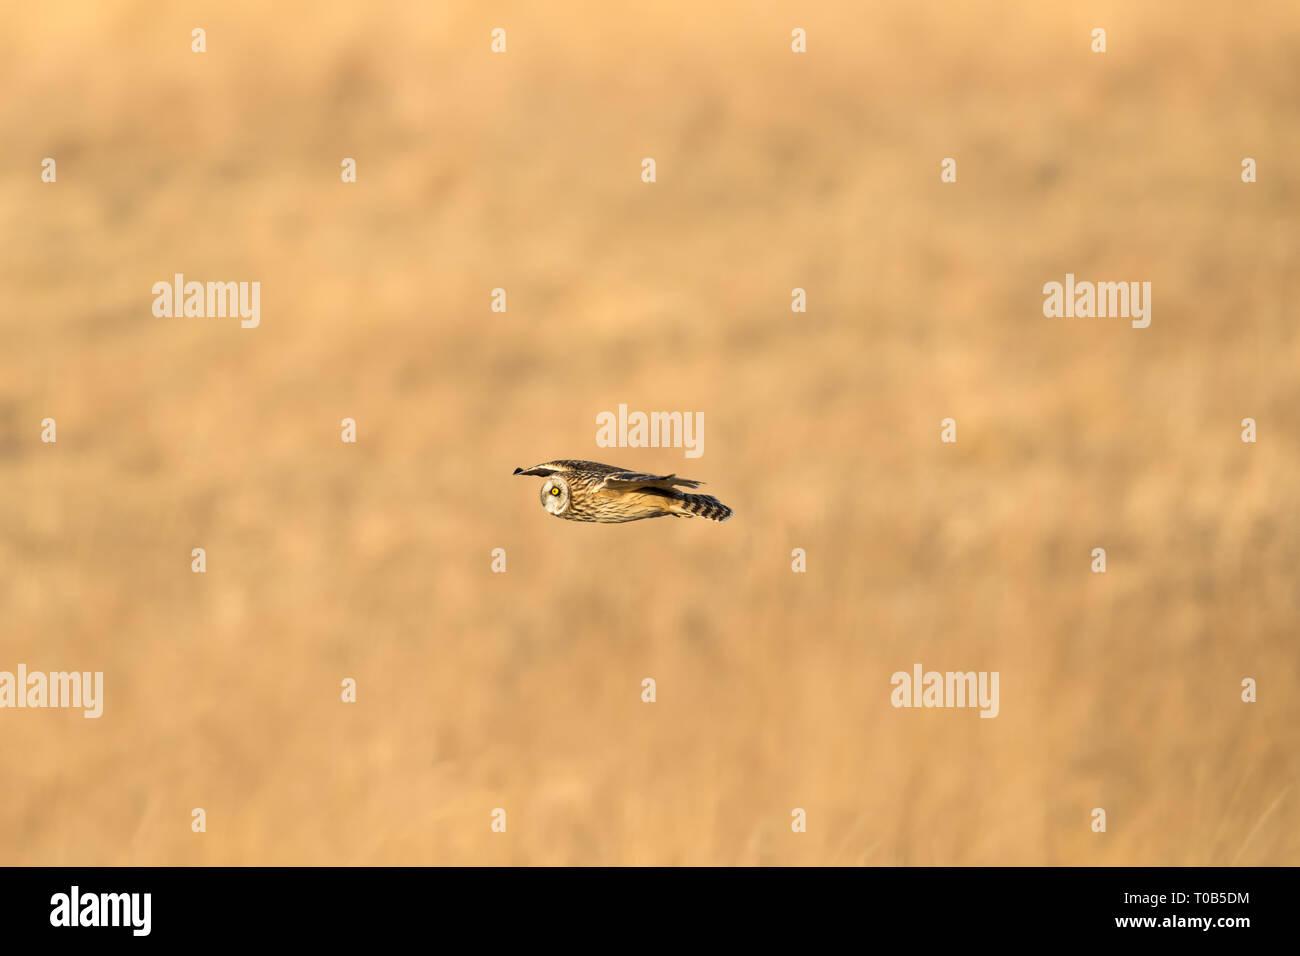 Sumpfohreule Tiefflug über das Feld auf der Suche nach der nächsten Mahlzeit Stockfoto